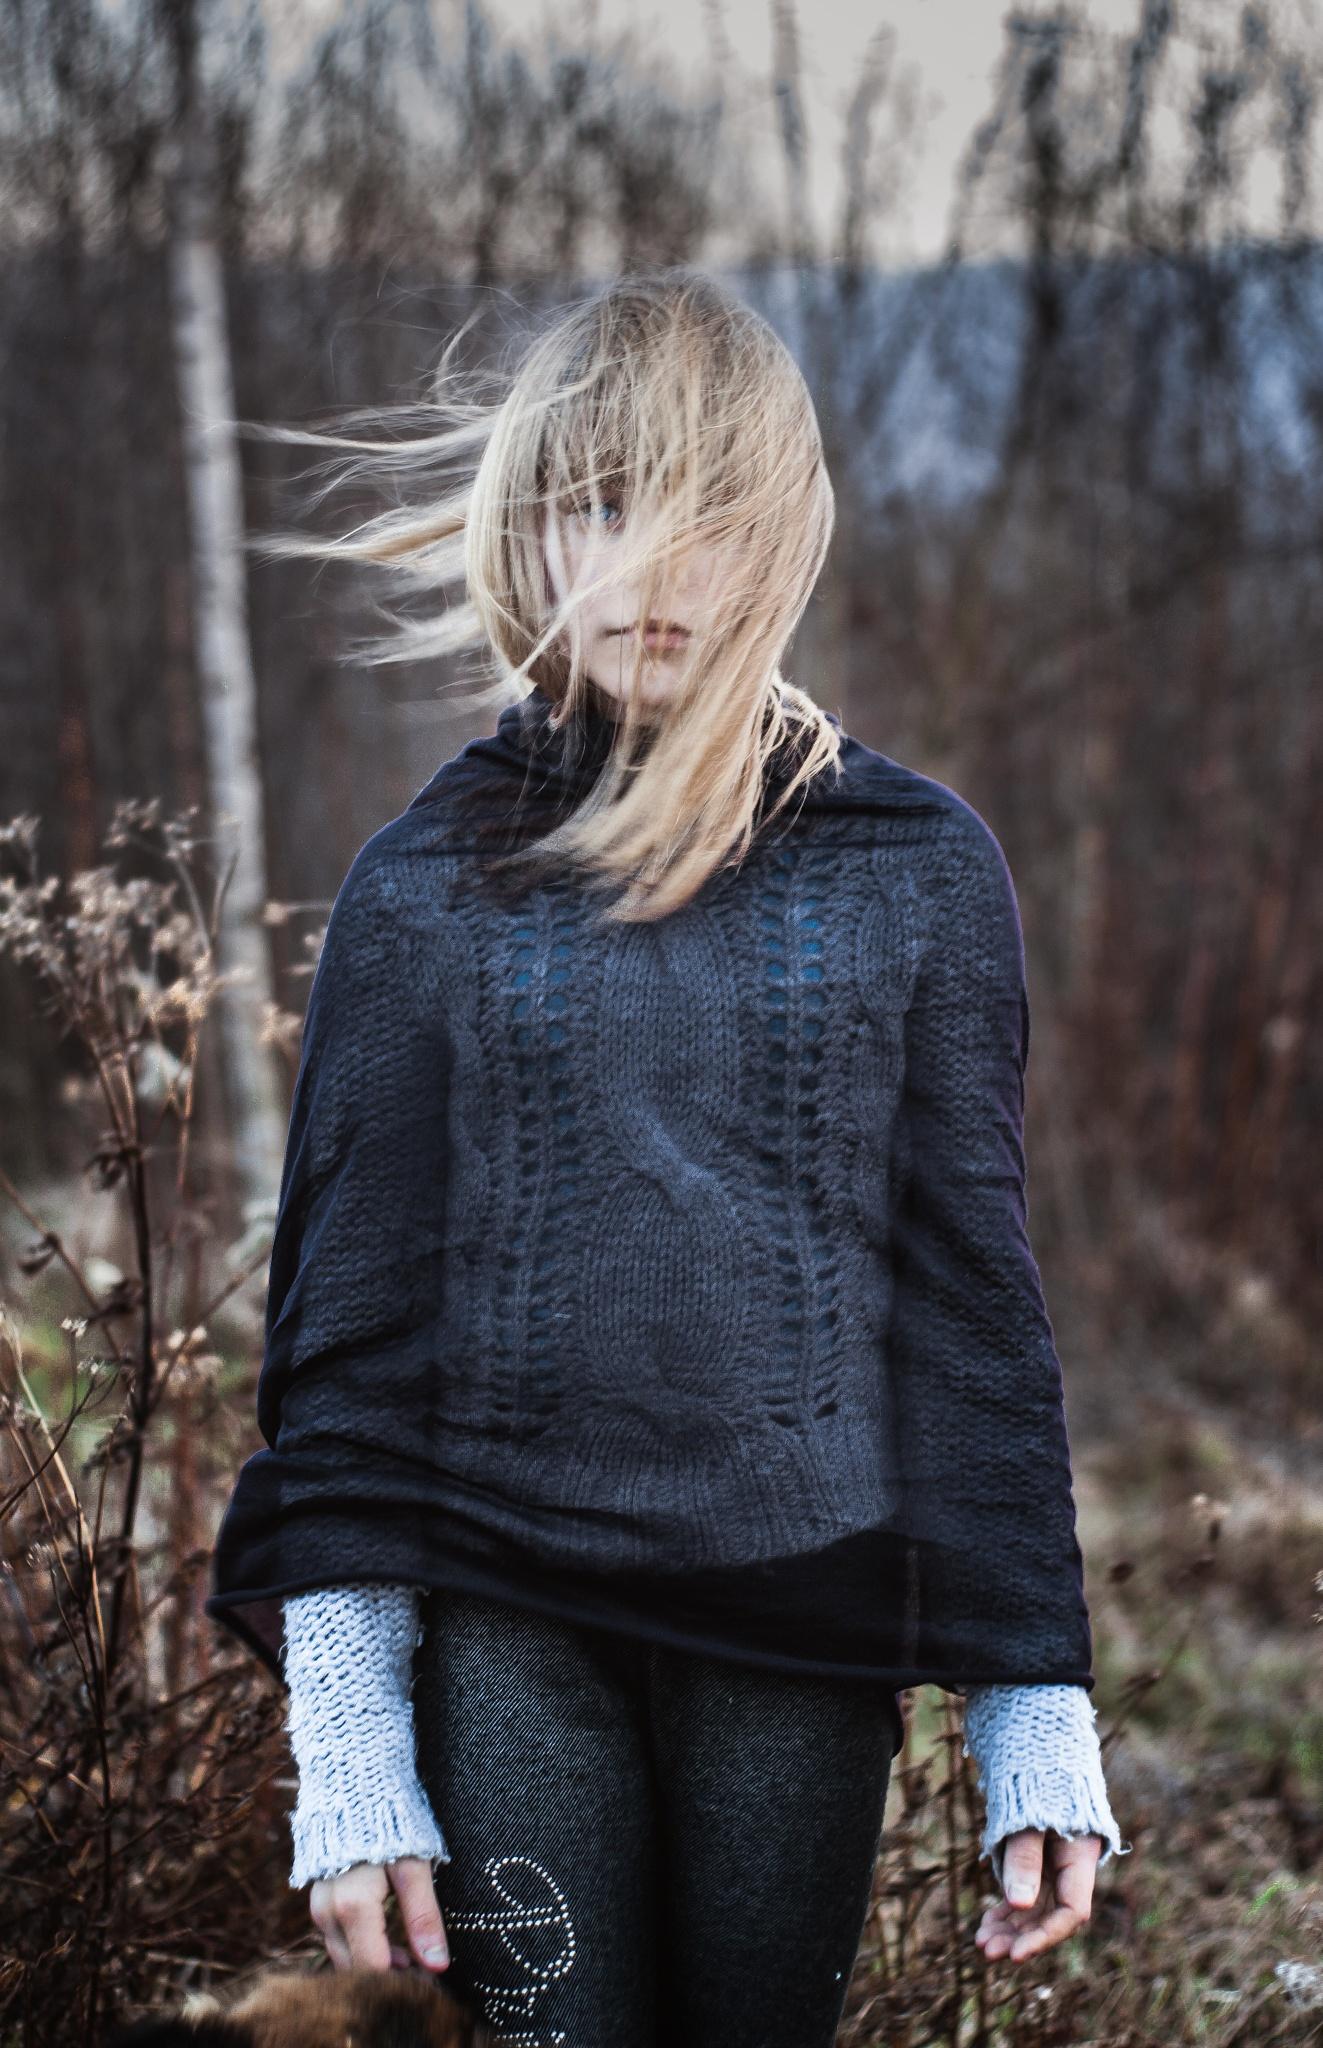 Wind by Piotr Polakiewicz